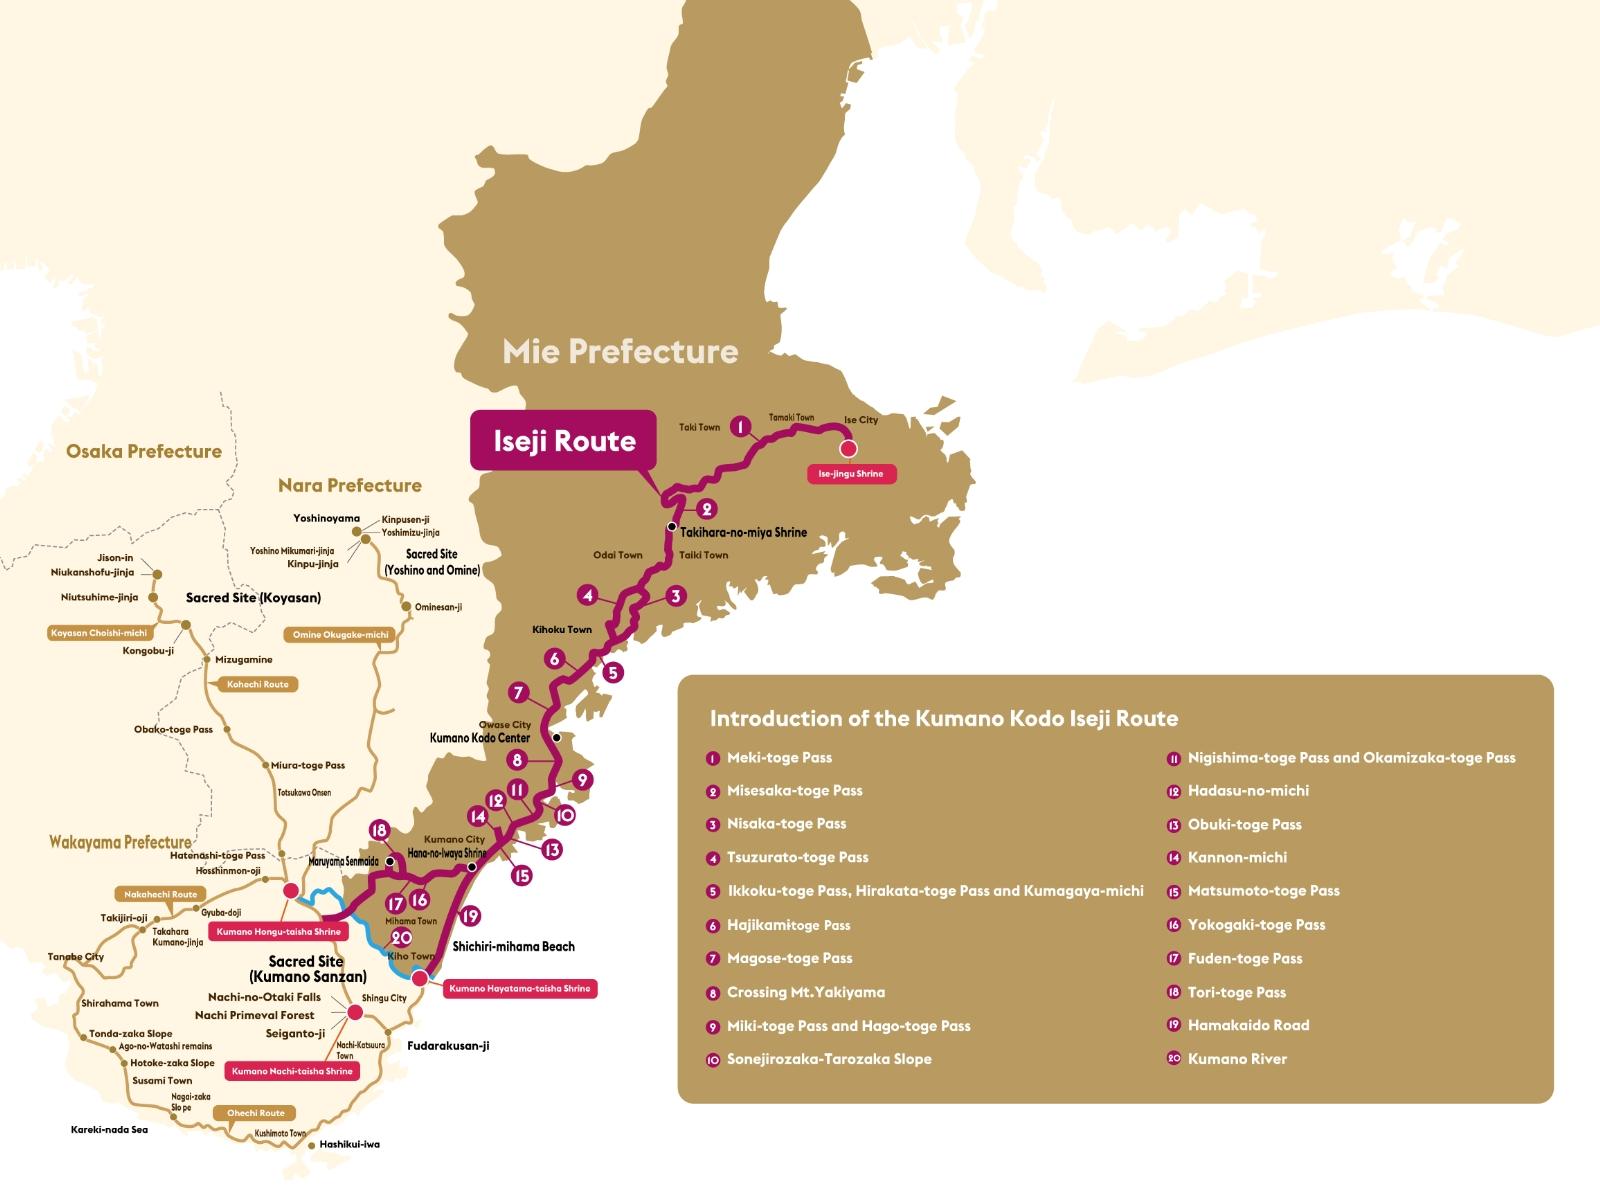 Kumano Kodo Iseji Route Map.jpg